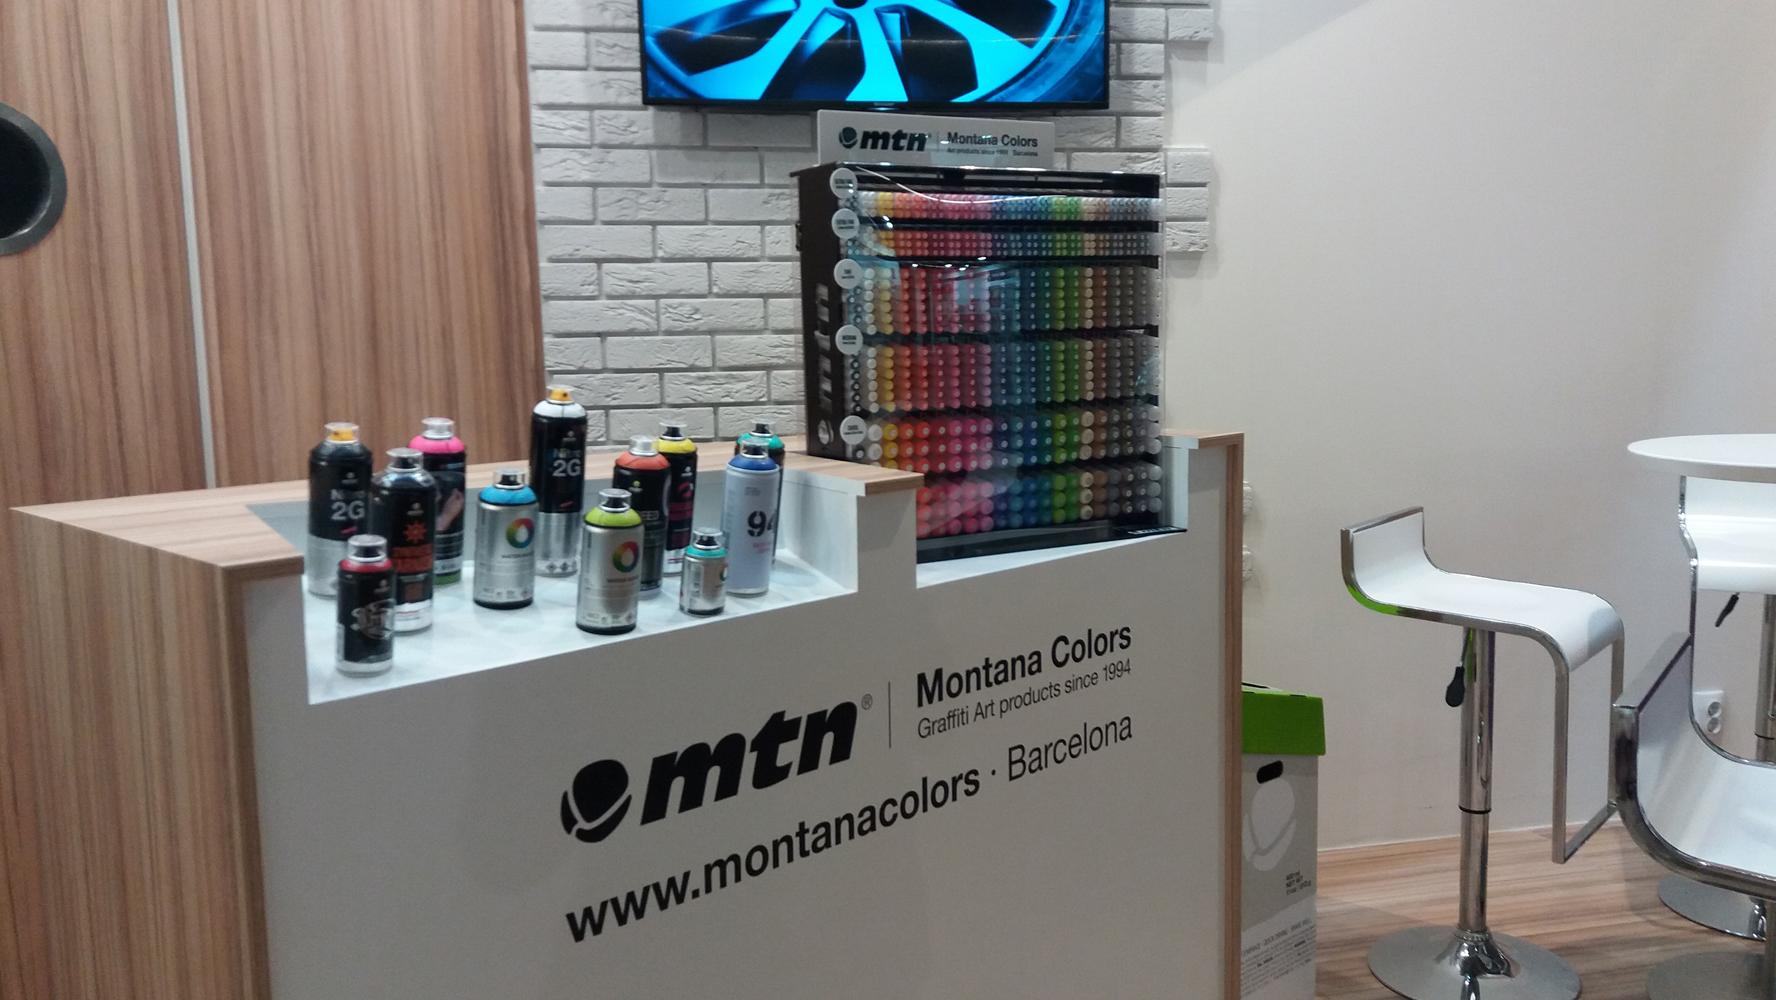 stand-montana-feria-creative-world-frankfurt-2018-02